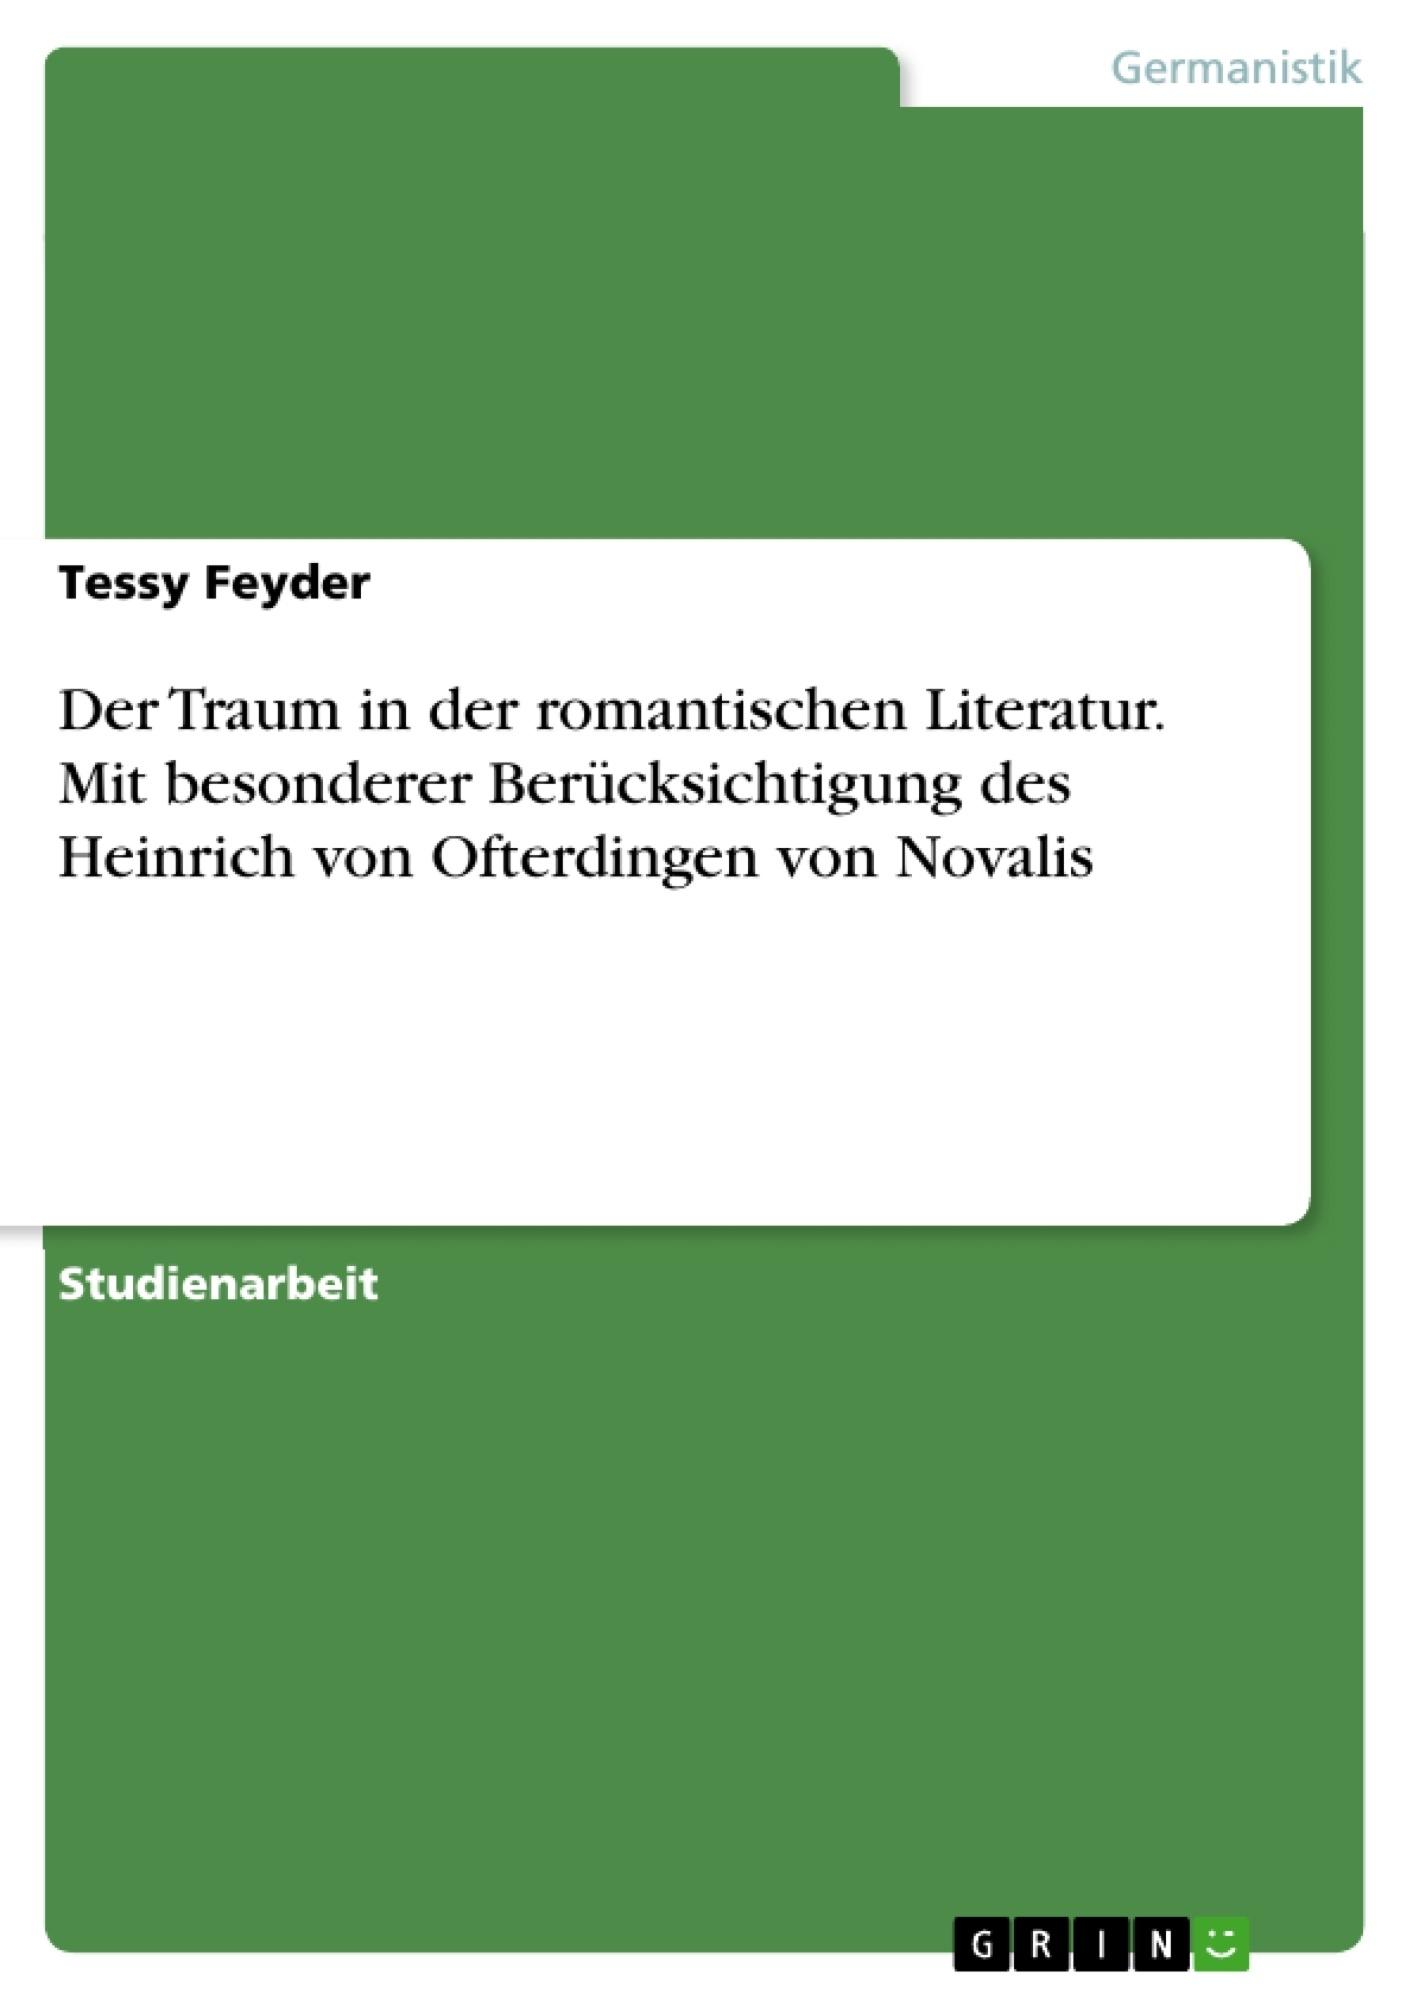 Titel: Der Traum in der romantischen Literatur. Mit besonderer Berücksichtigung des Heinrich von Ofterdingen von Novalis